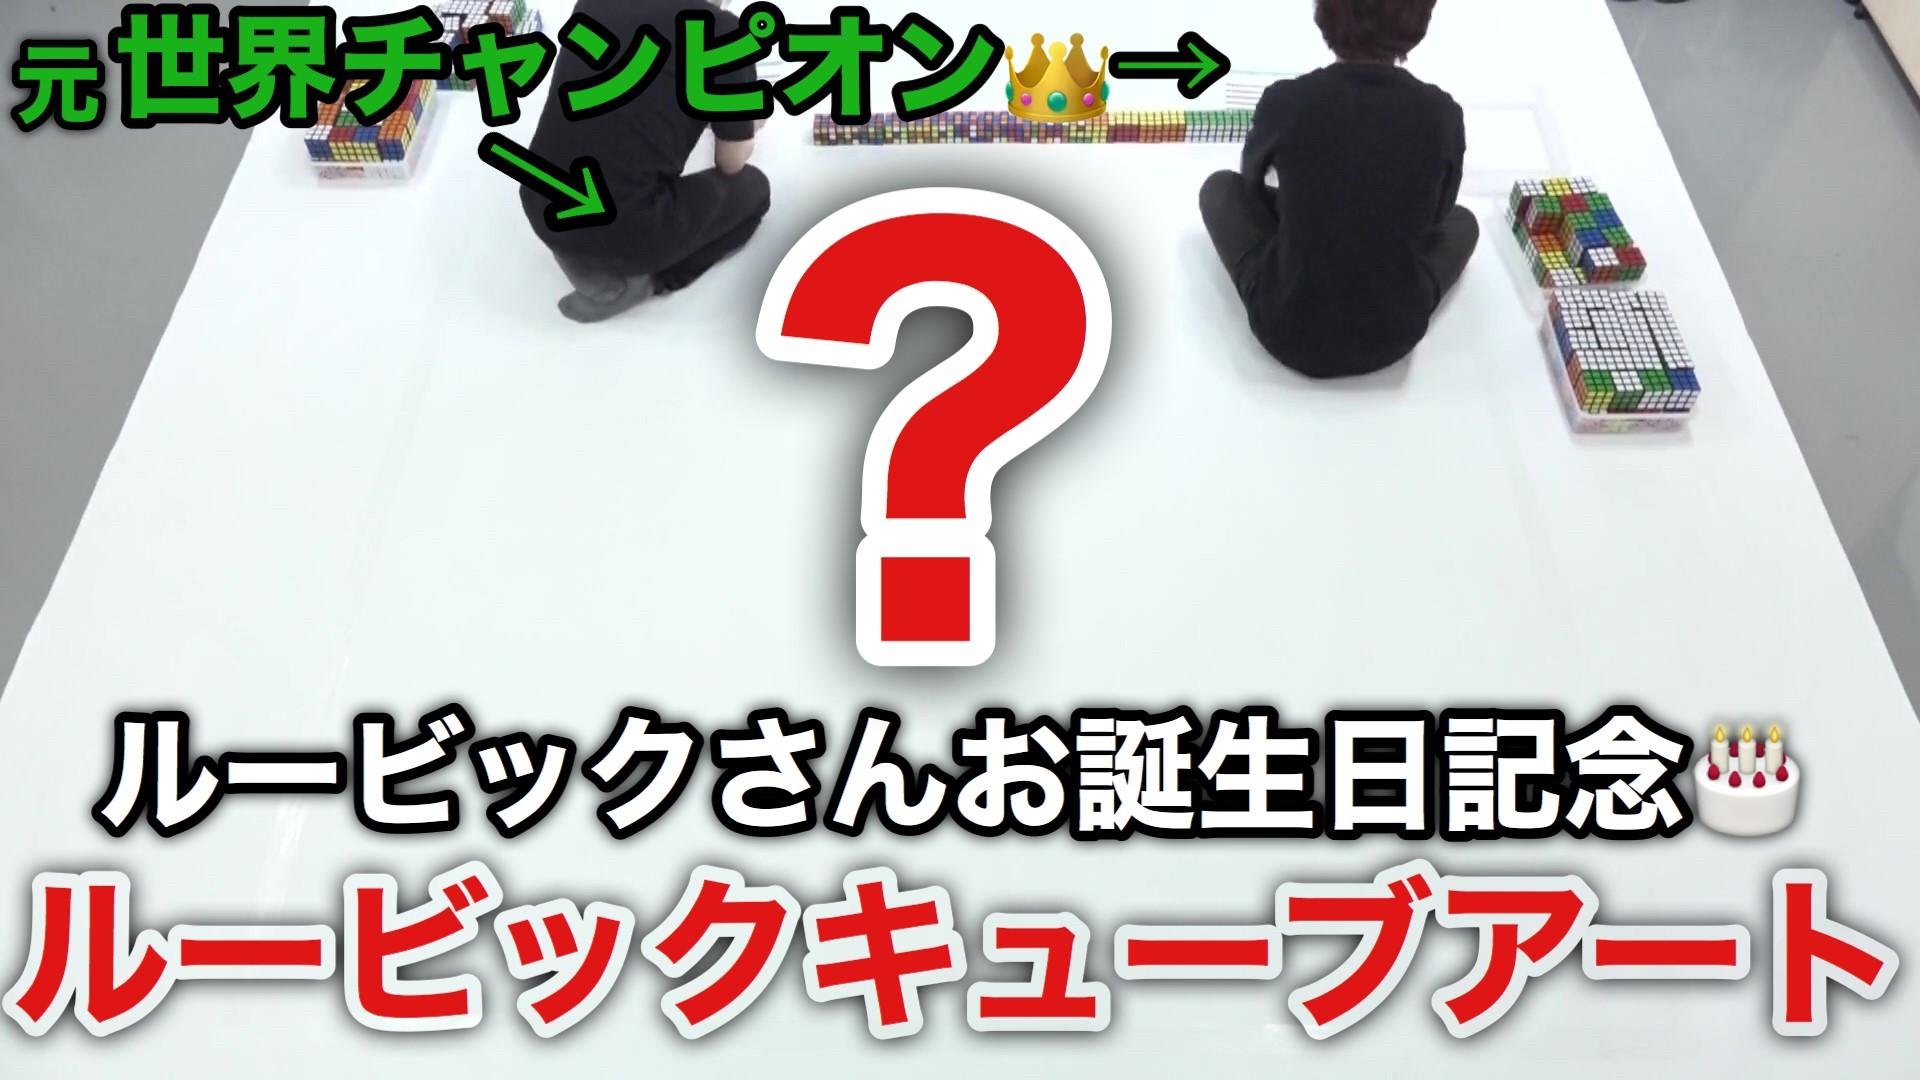 【ルービックキューブアート】世界大会チャンピオンがつくる!1,600個使用の特大お祝いアート